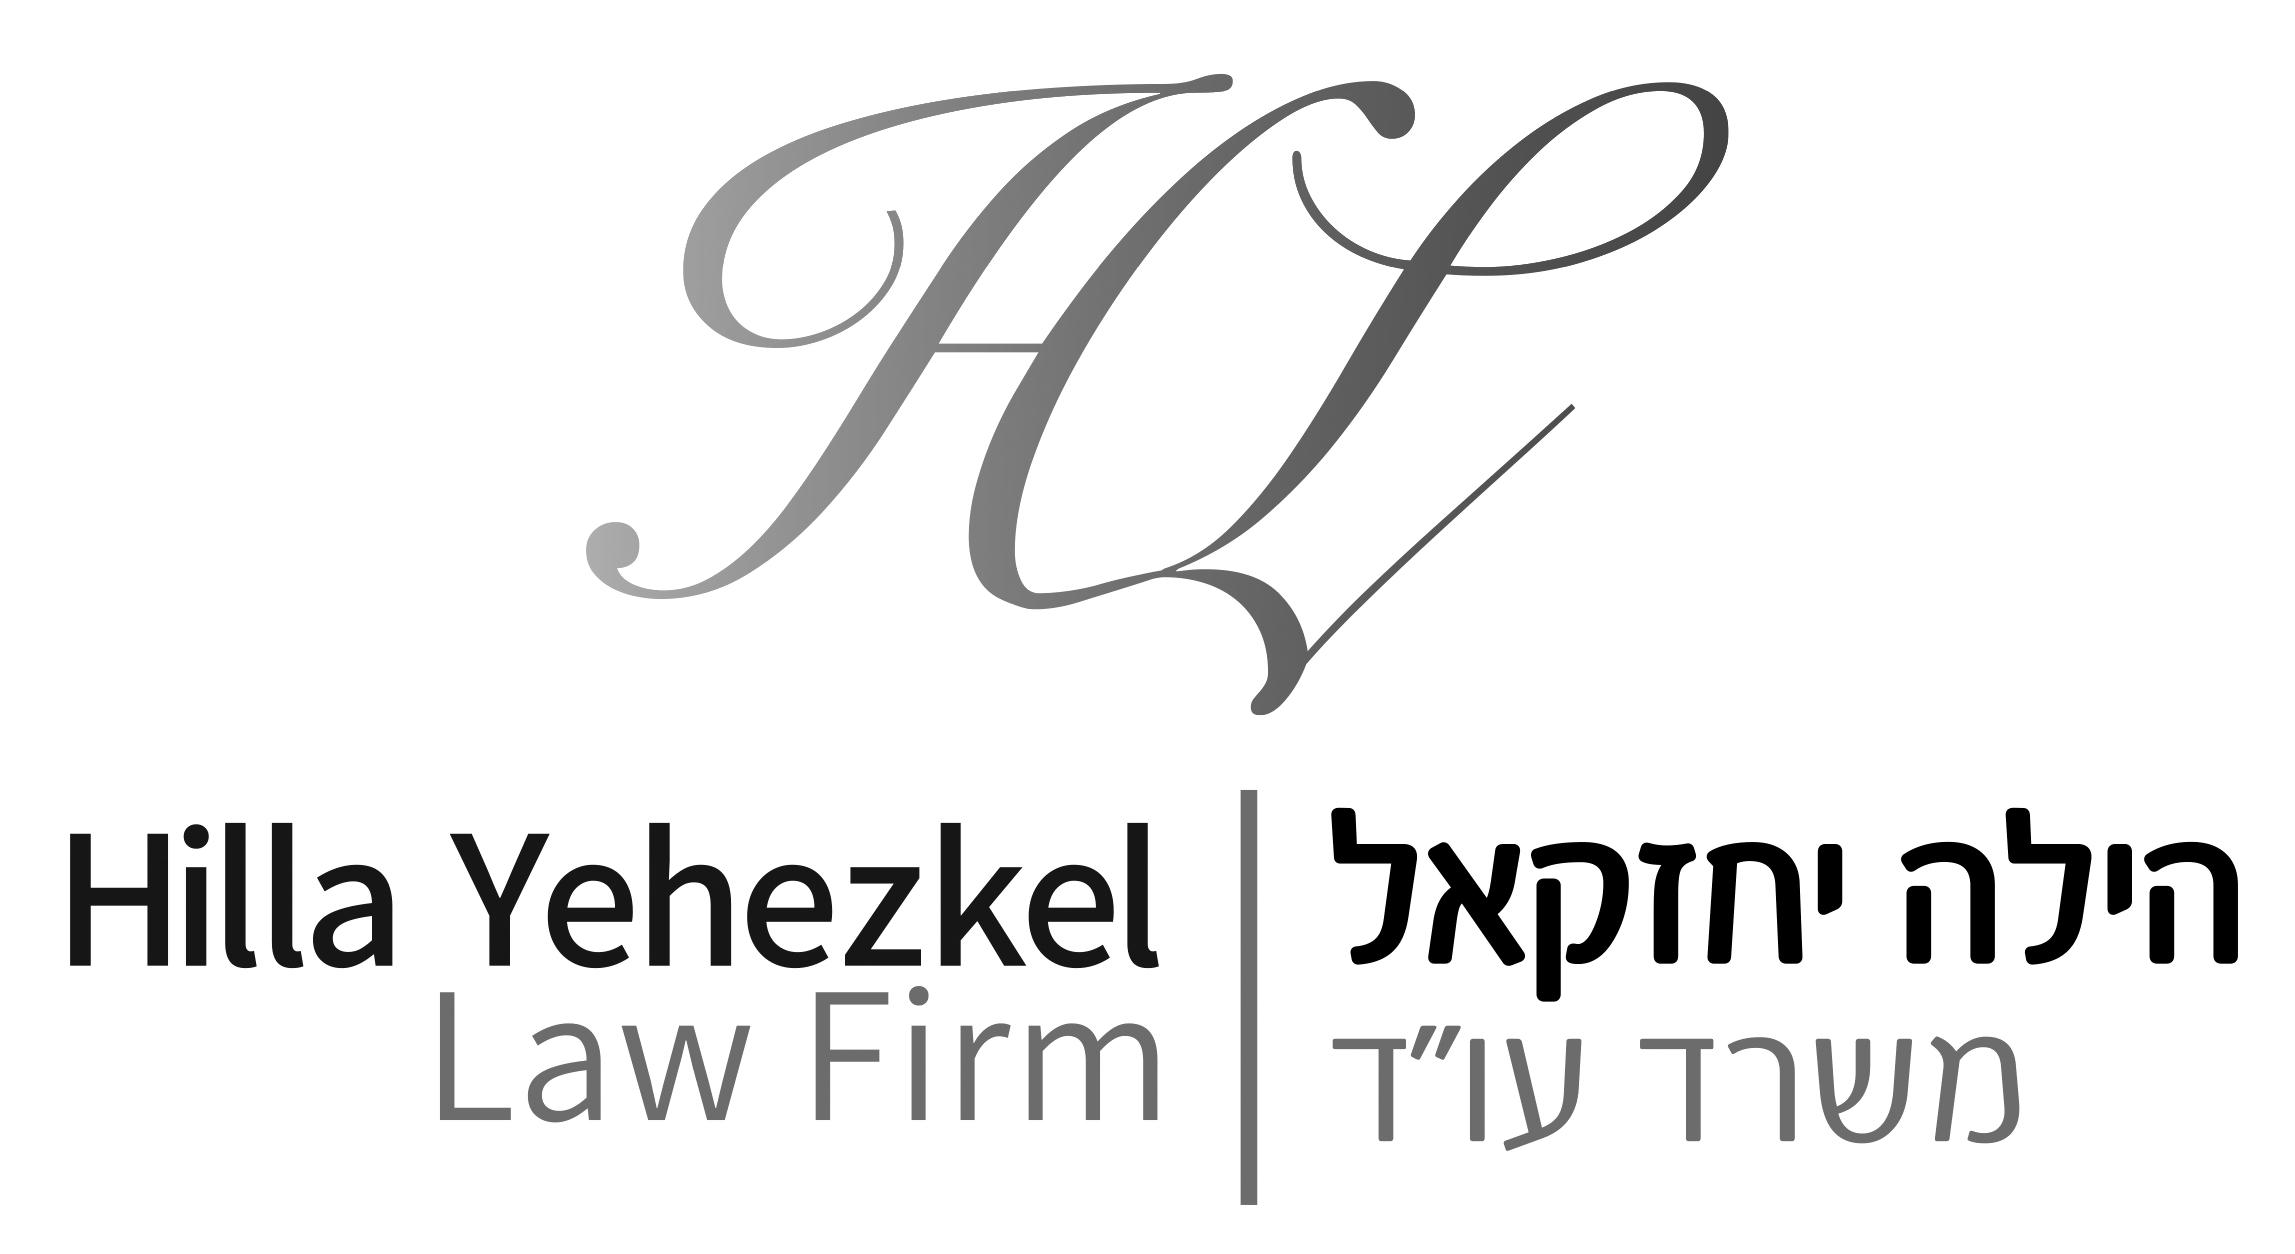 Hilla Yehezkel - Law Firm